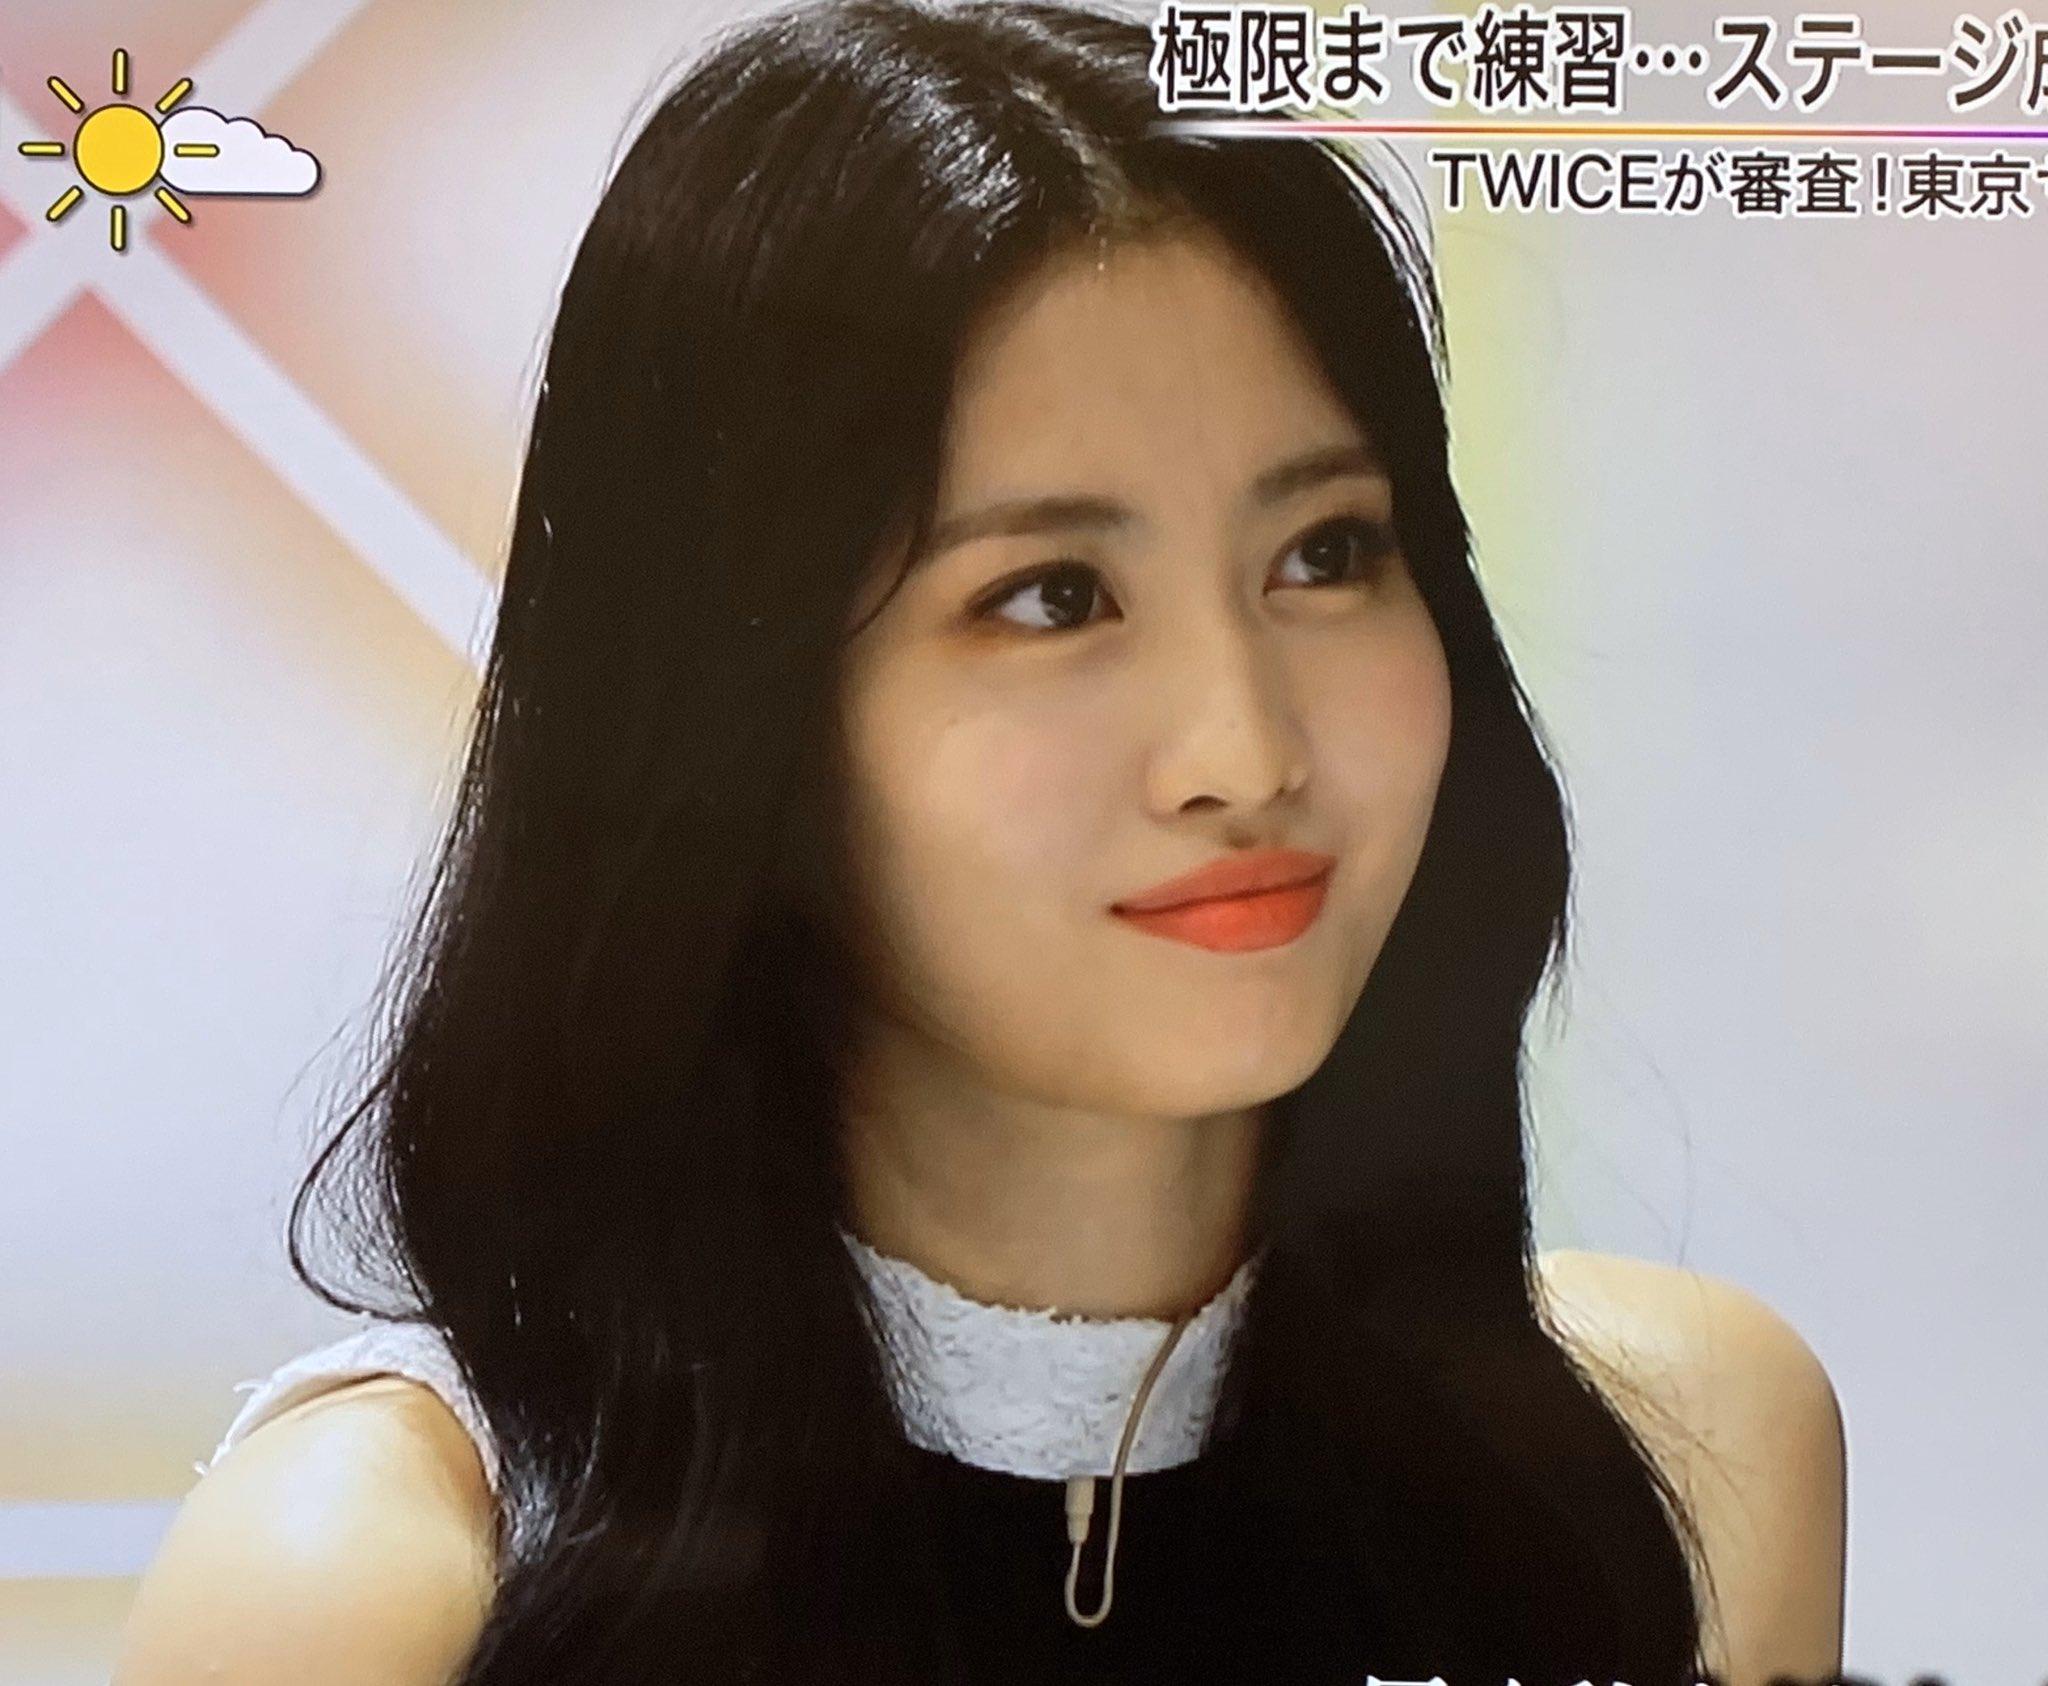 合宿 虹 プロ 東京